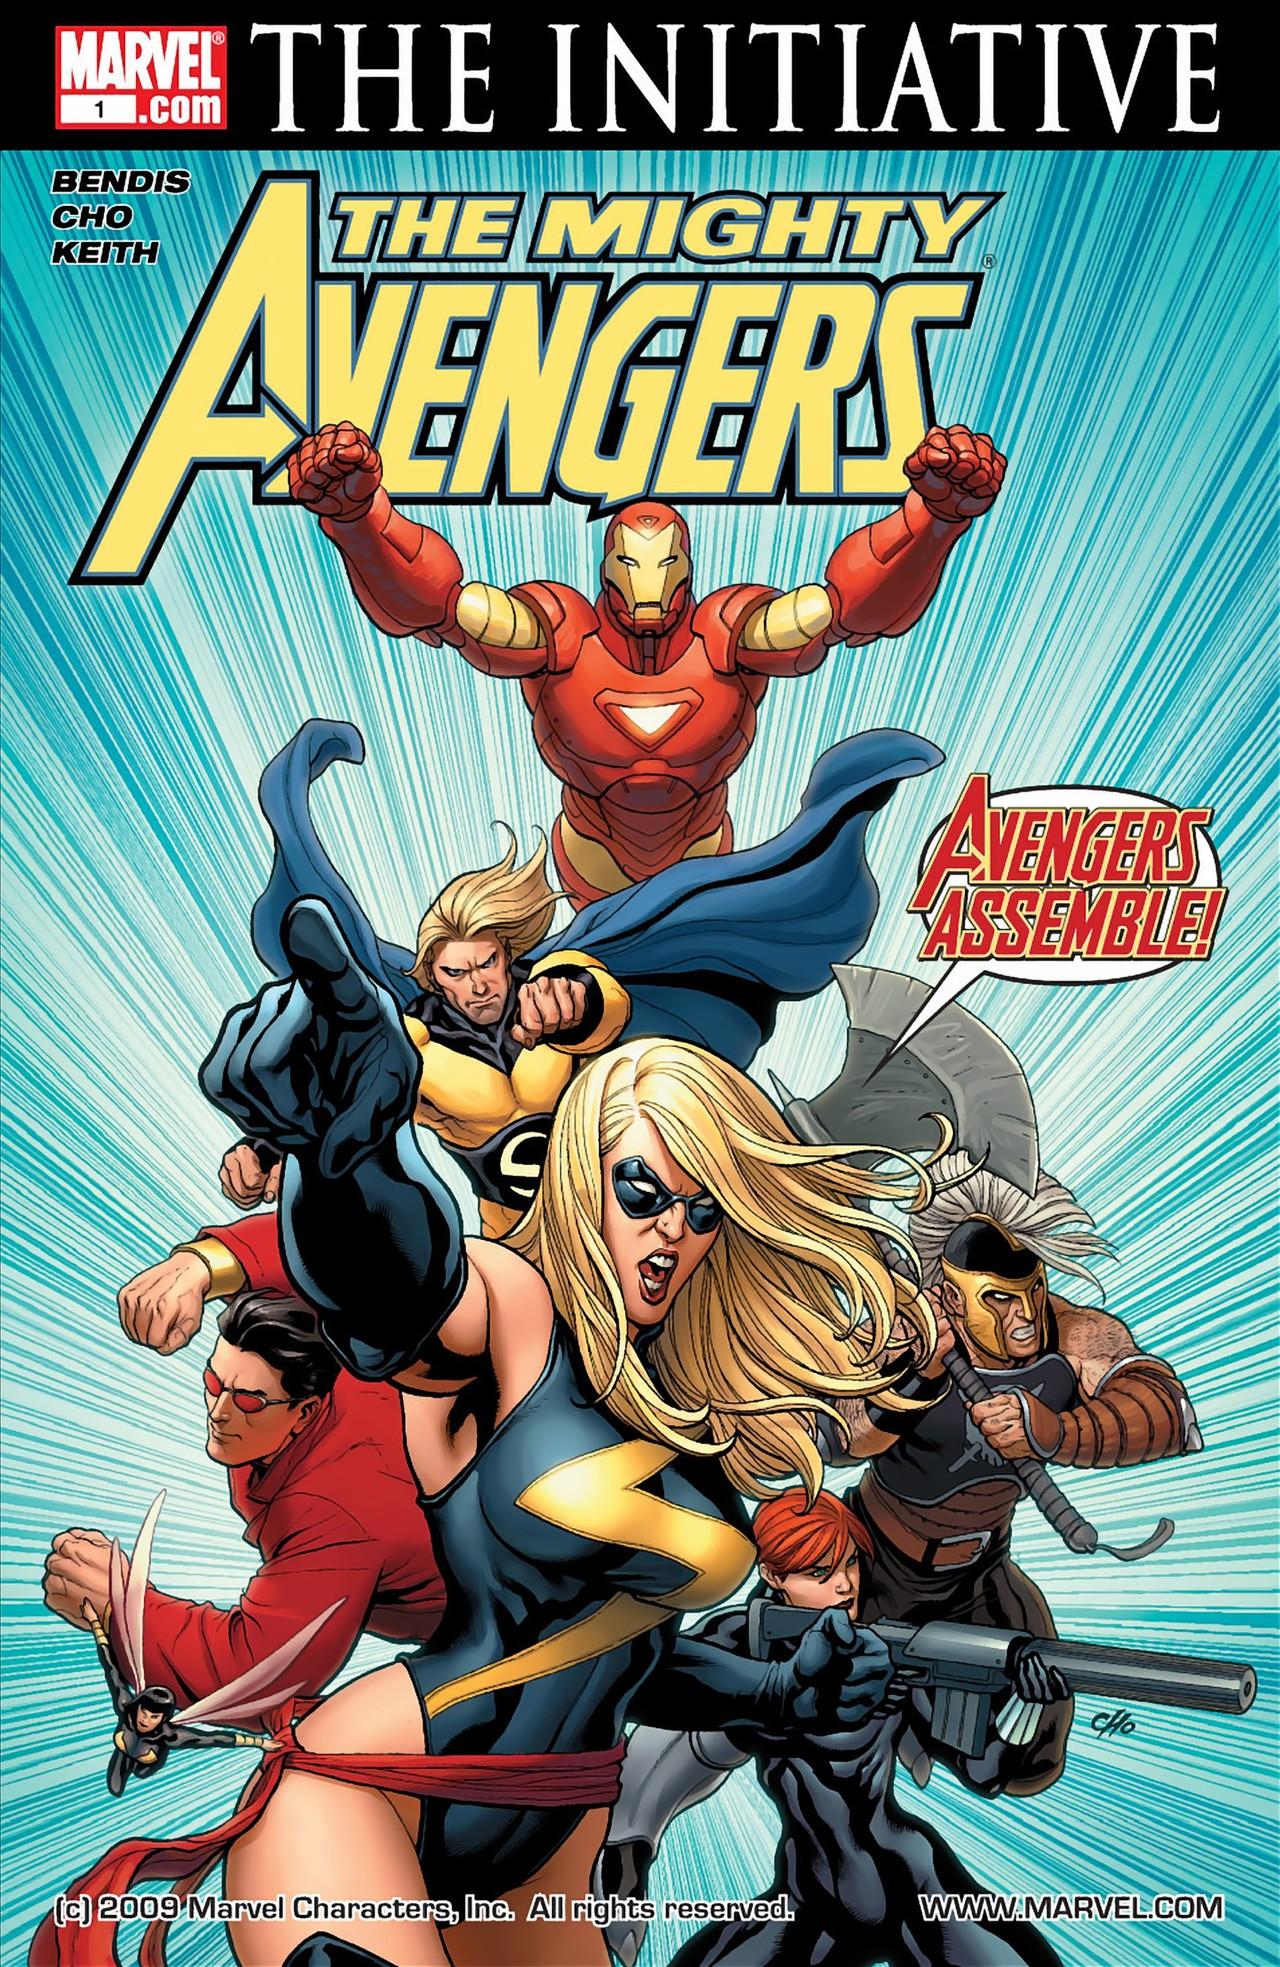 COLECCIÓN DEFINITIVA: VENGADORES [UL] [cbr] Mighty_Avengers_Vol_1_1